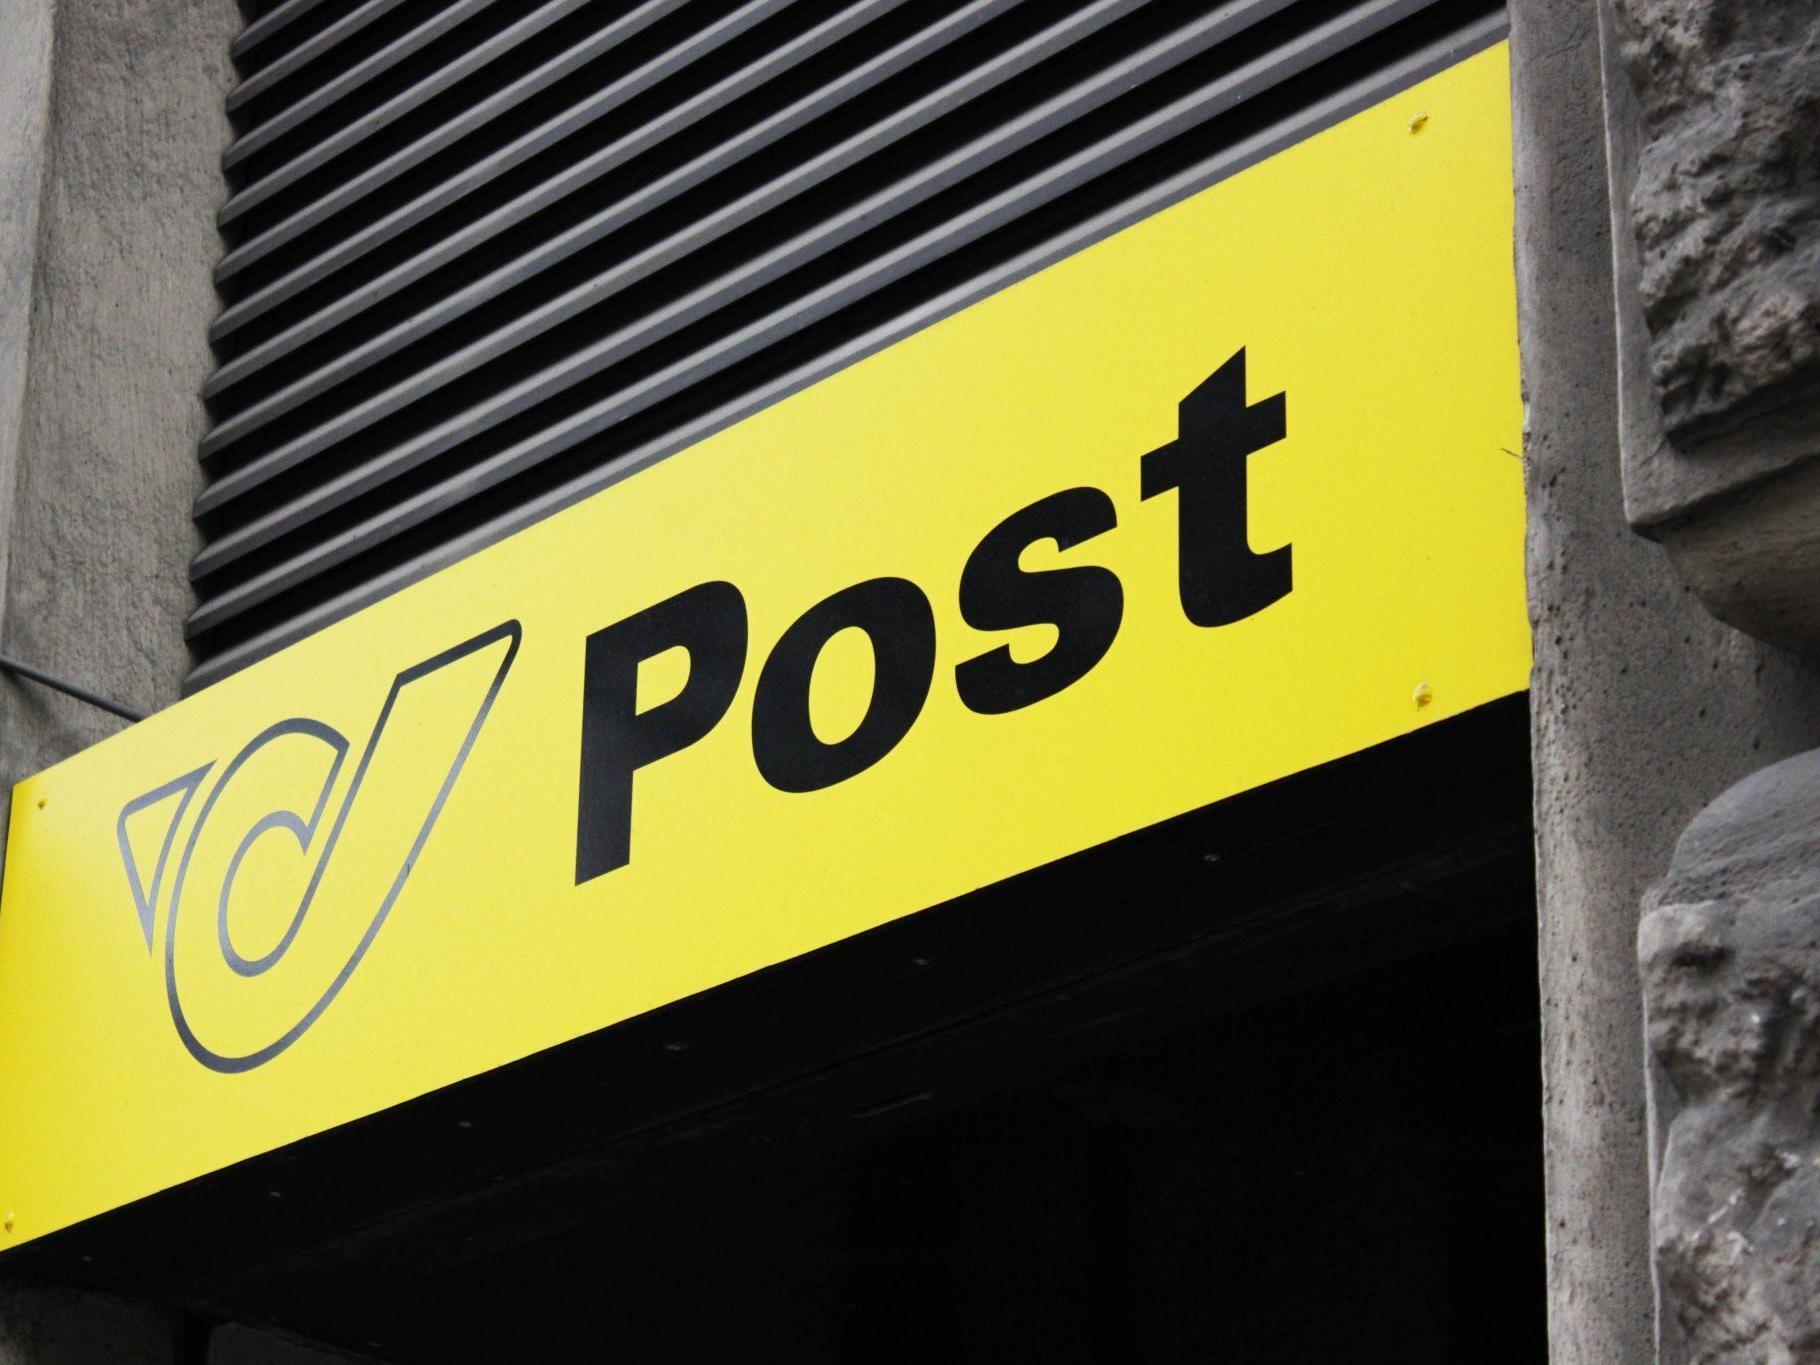 Das Postamt in Penzing wurde überfallen